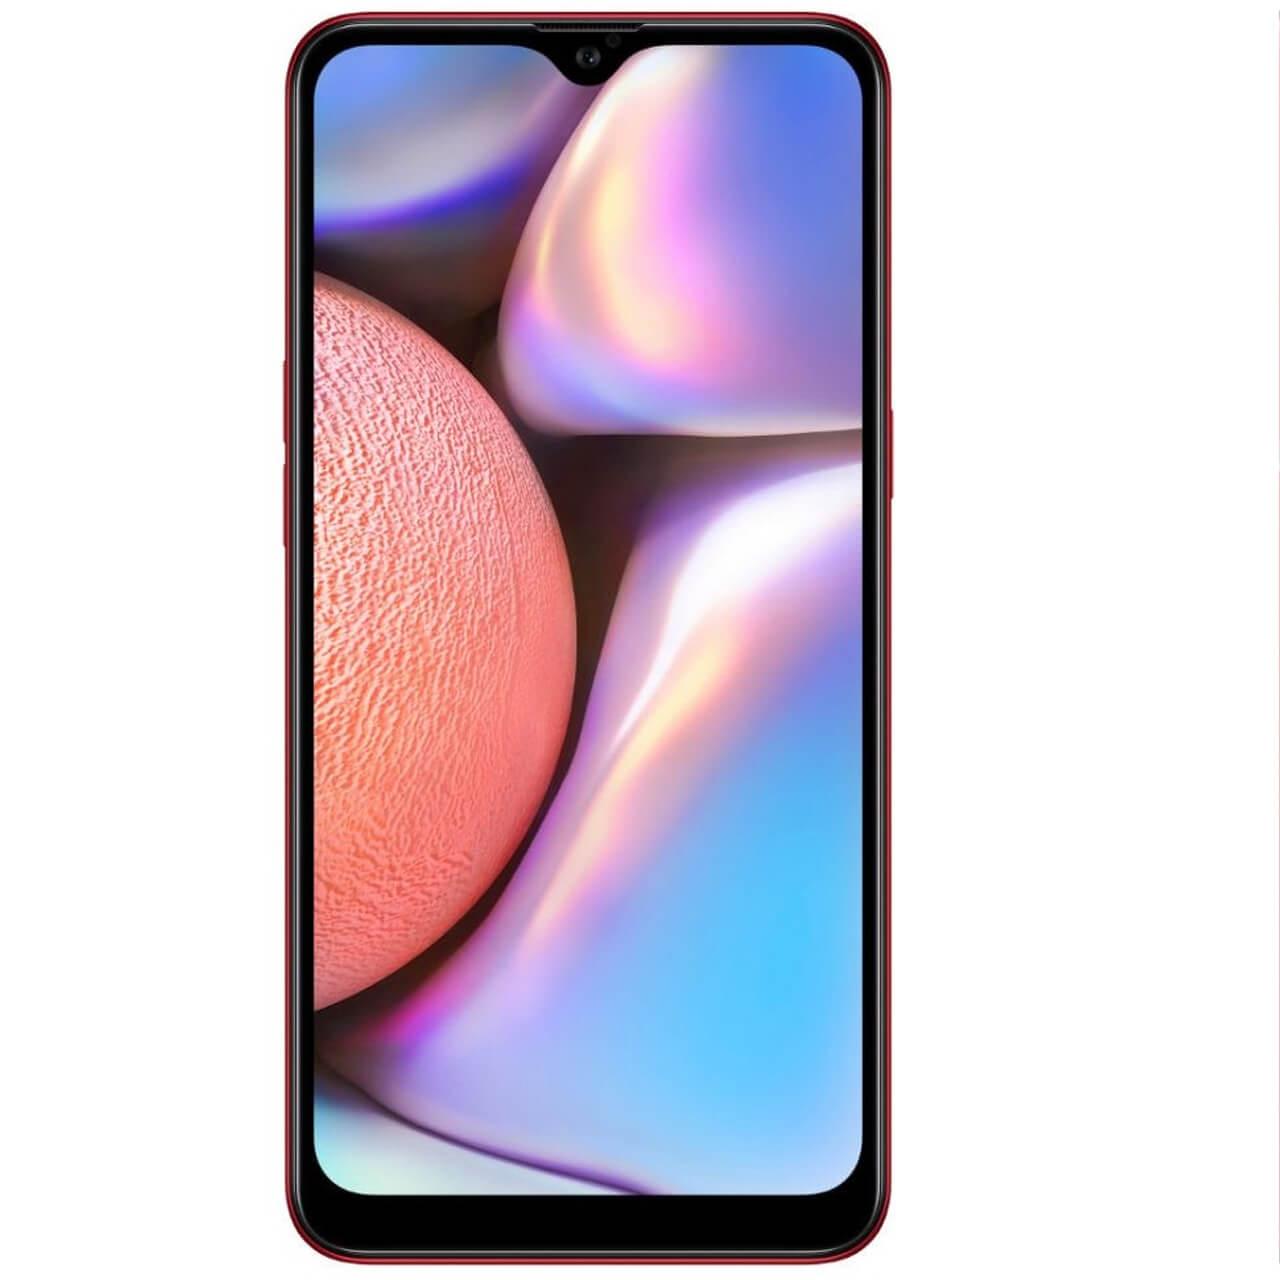 گوشی موبایل سامسونگ Galaxy A10s 32GB دوسیم کارت